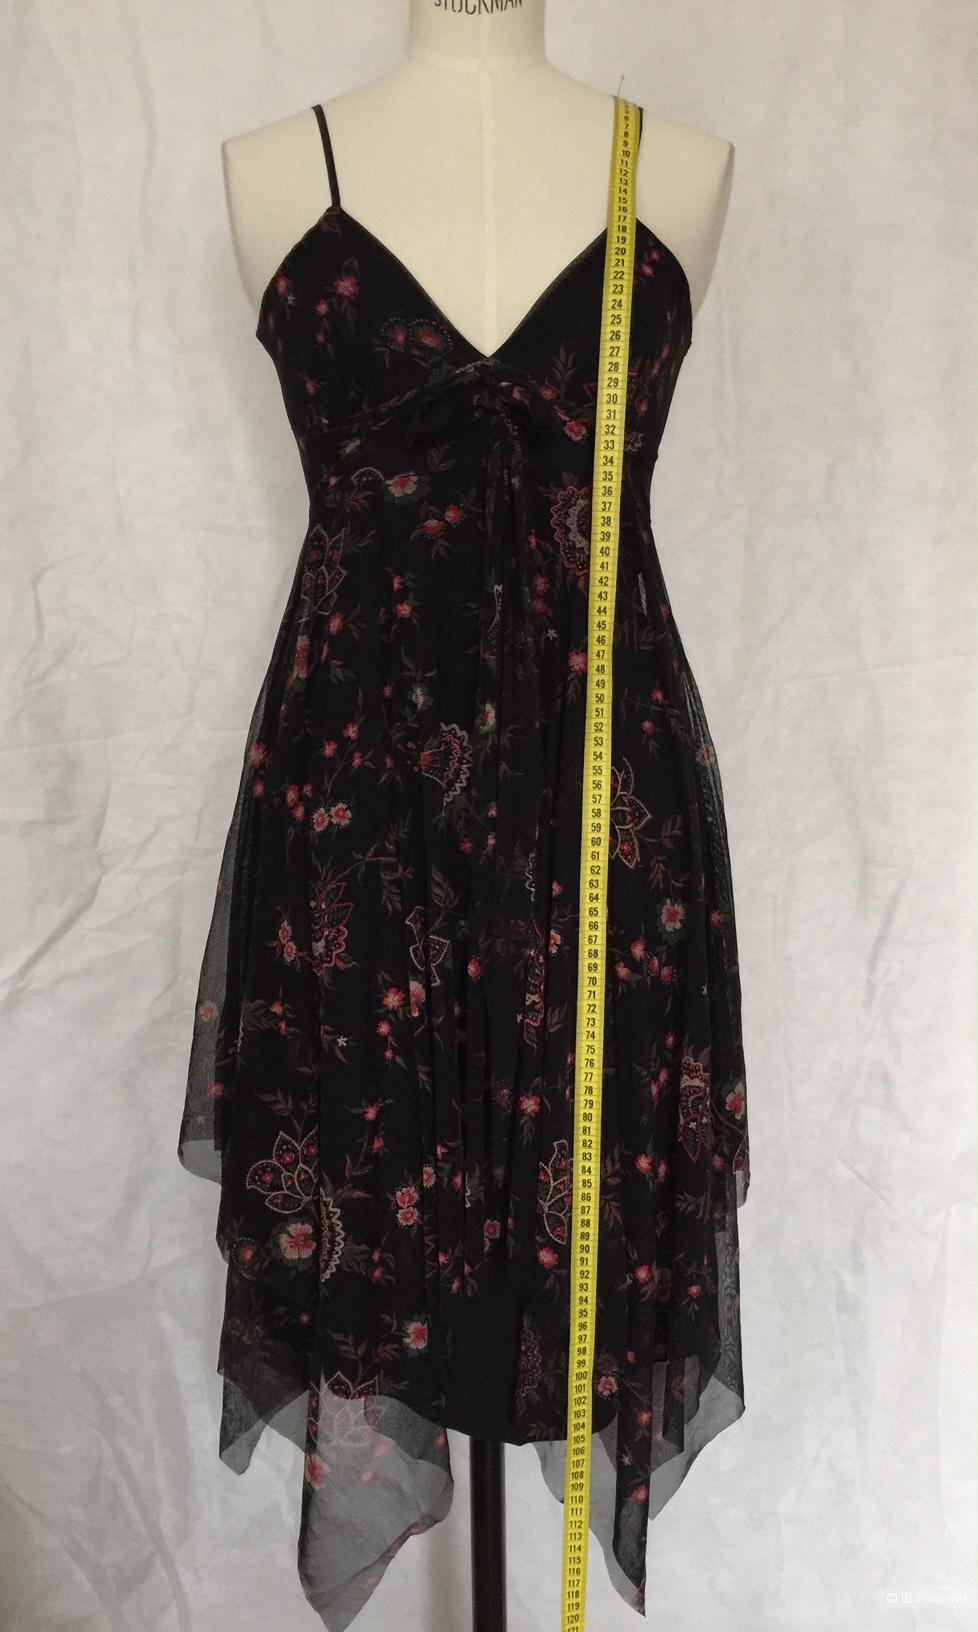 Коктельное платье ассиметричного кроя  марки 3 suisses рамзер xs